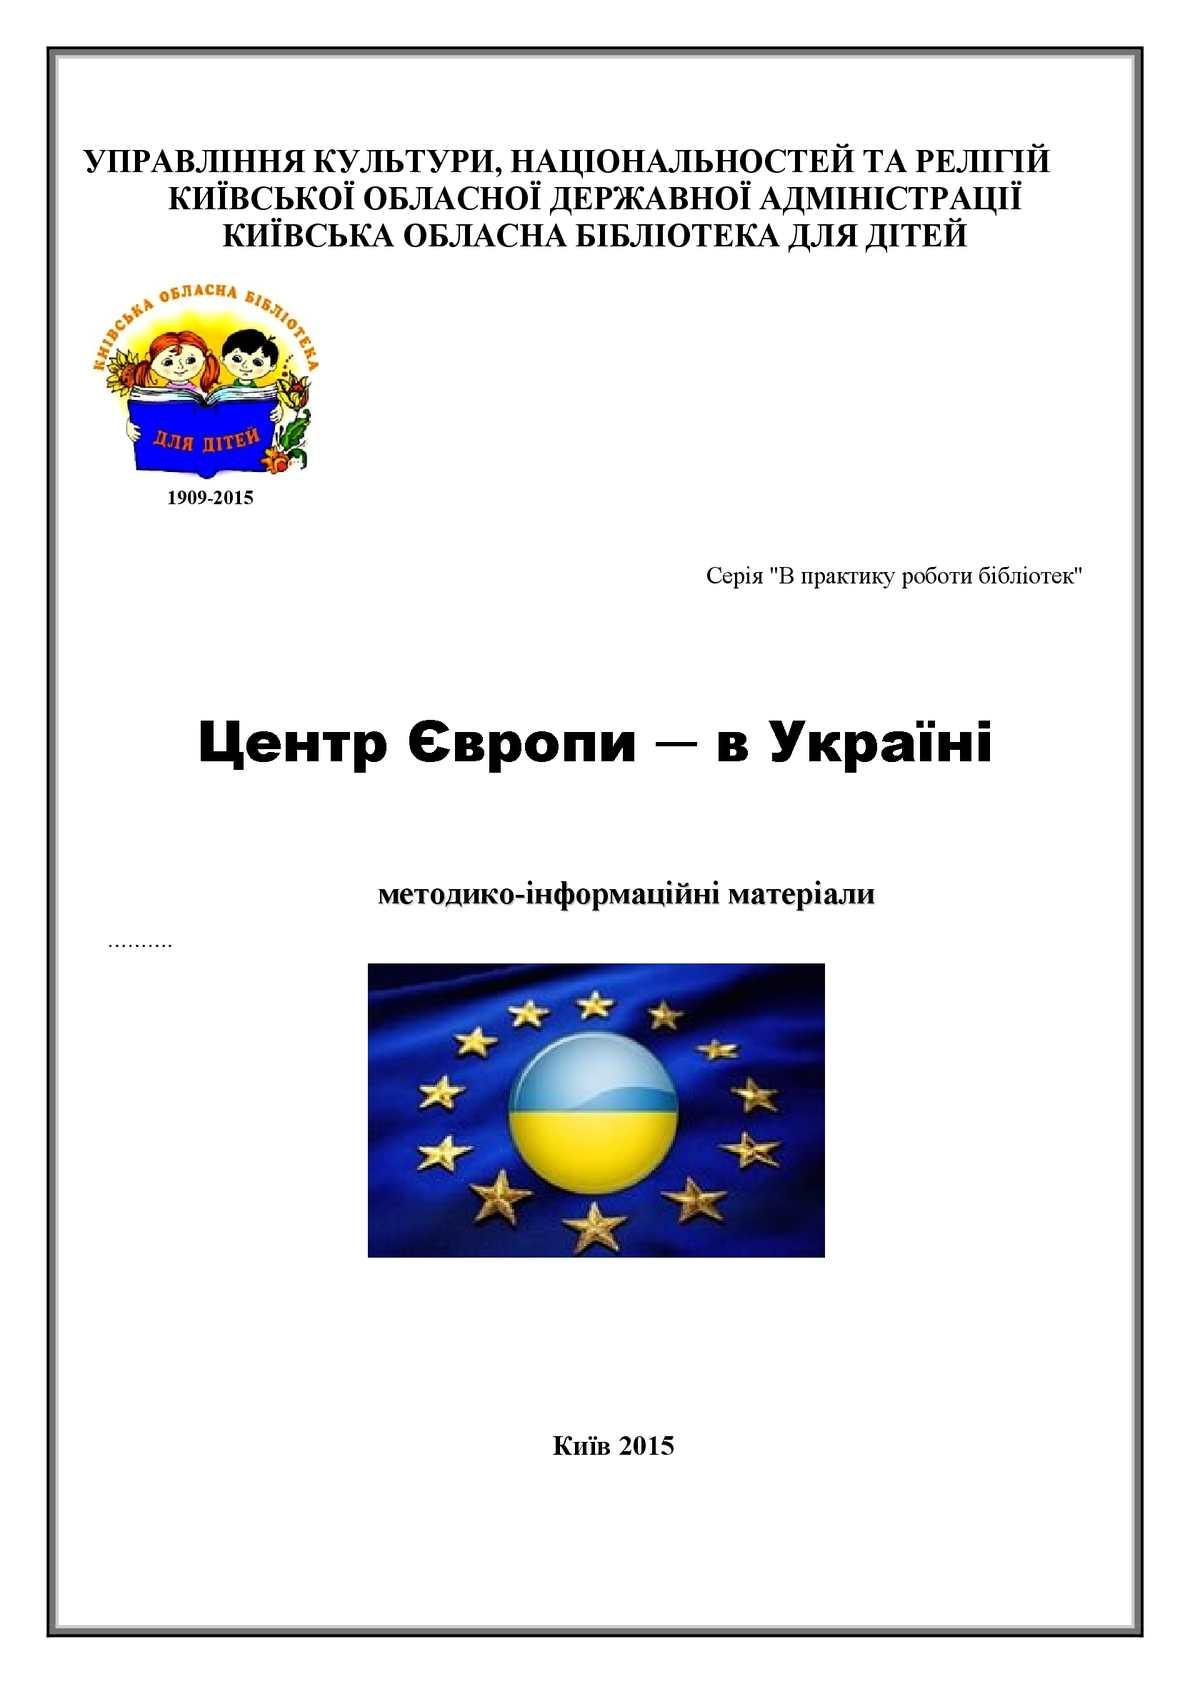 Центр Європи - в Україні